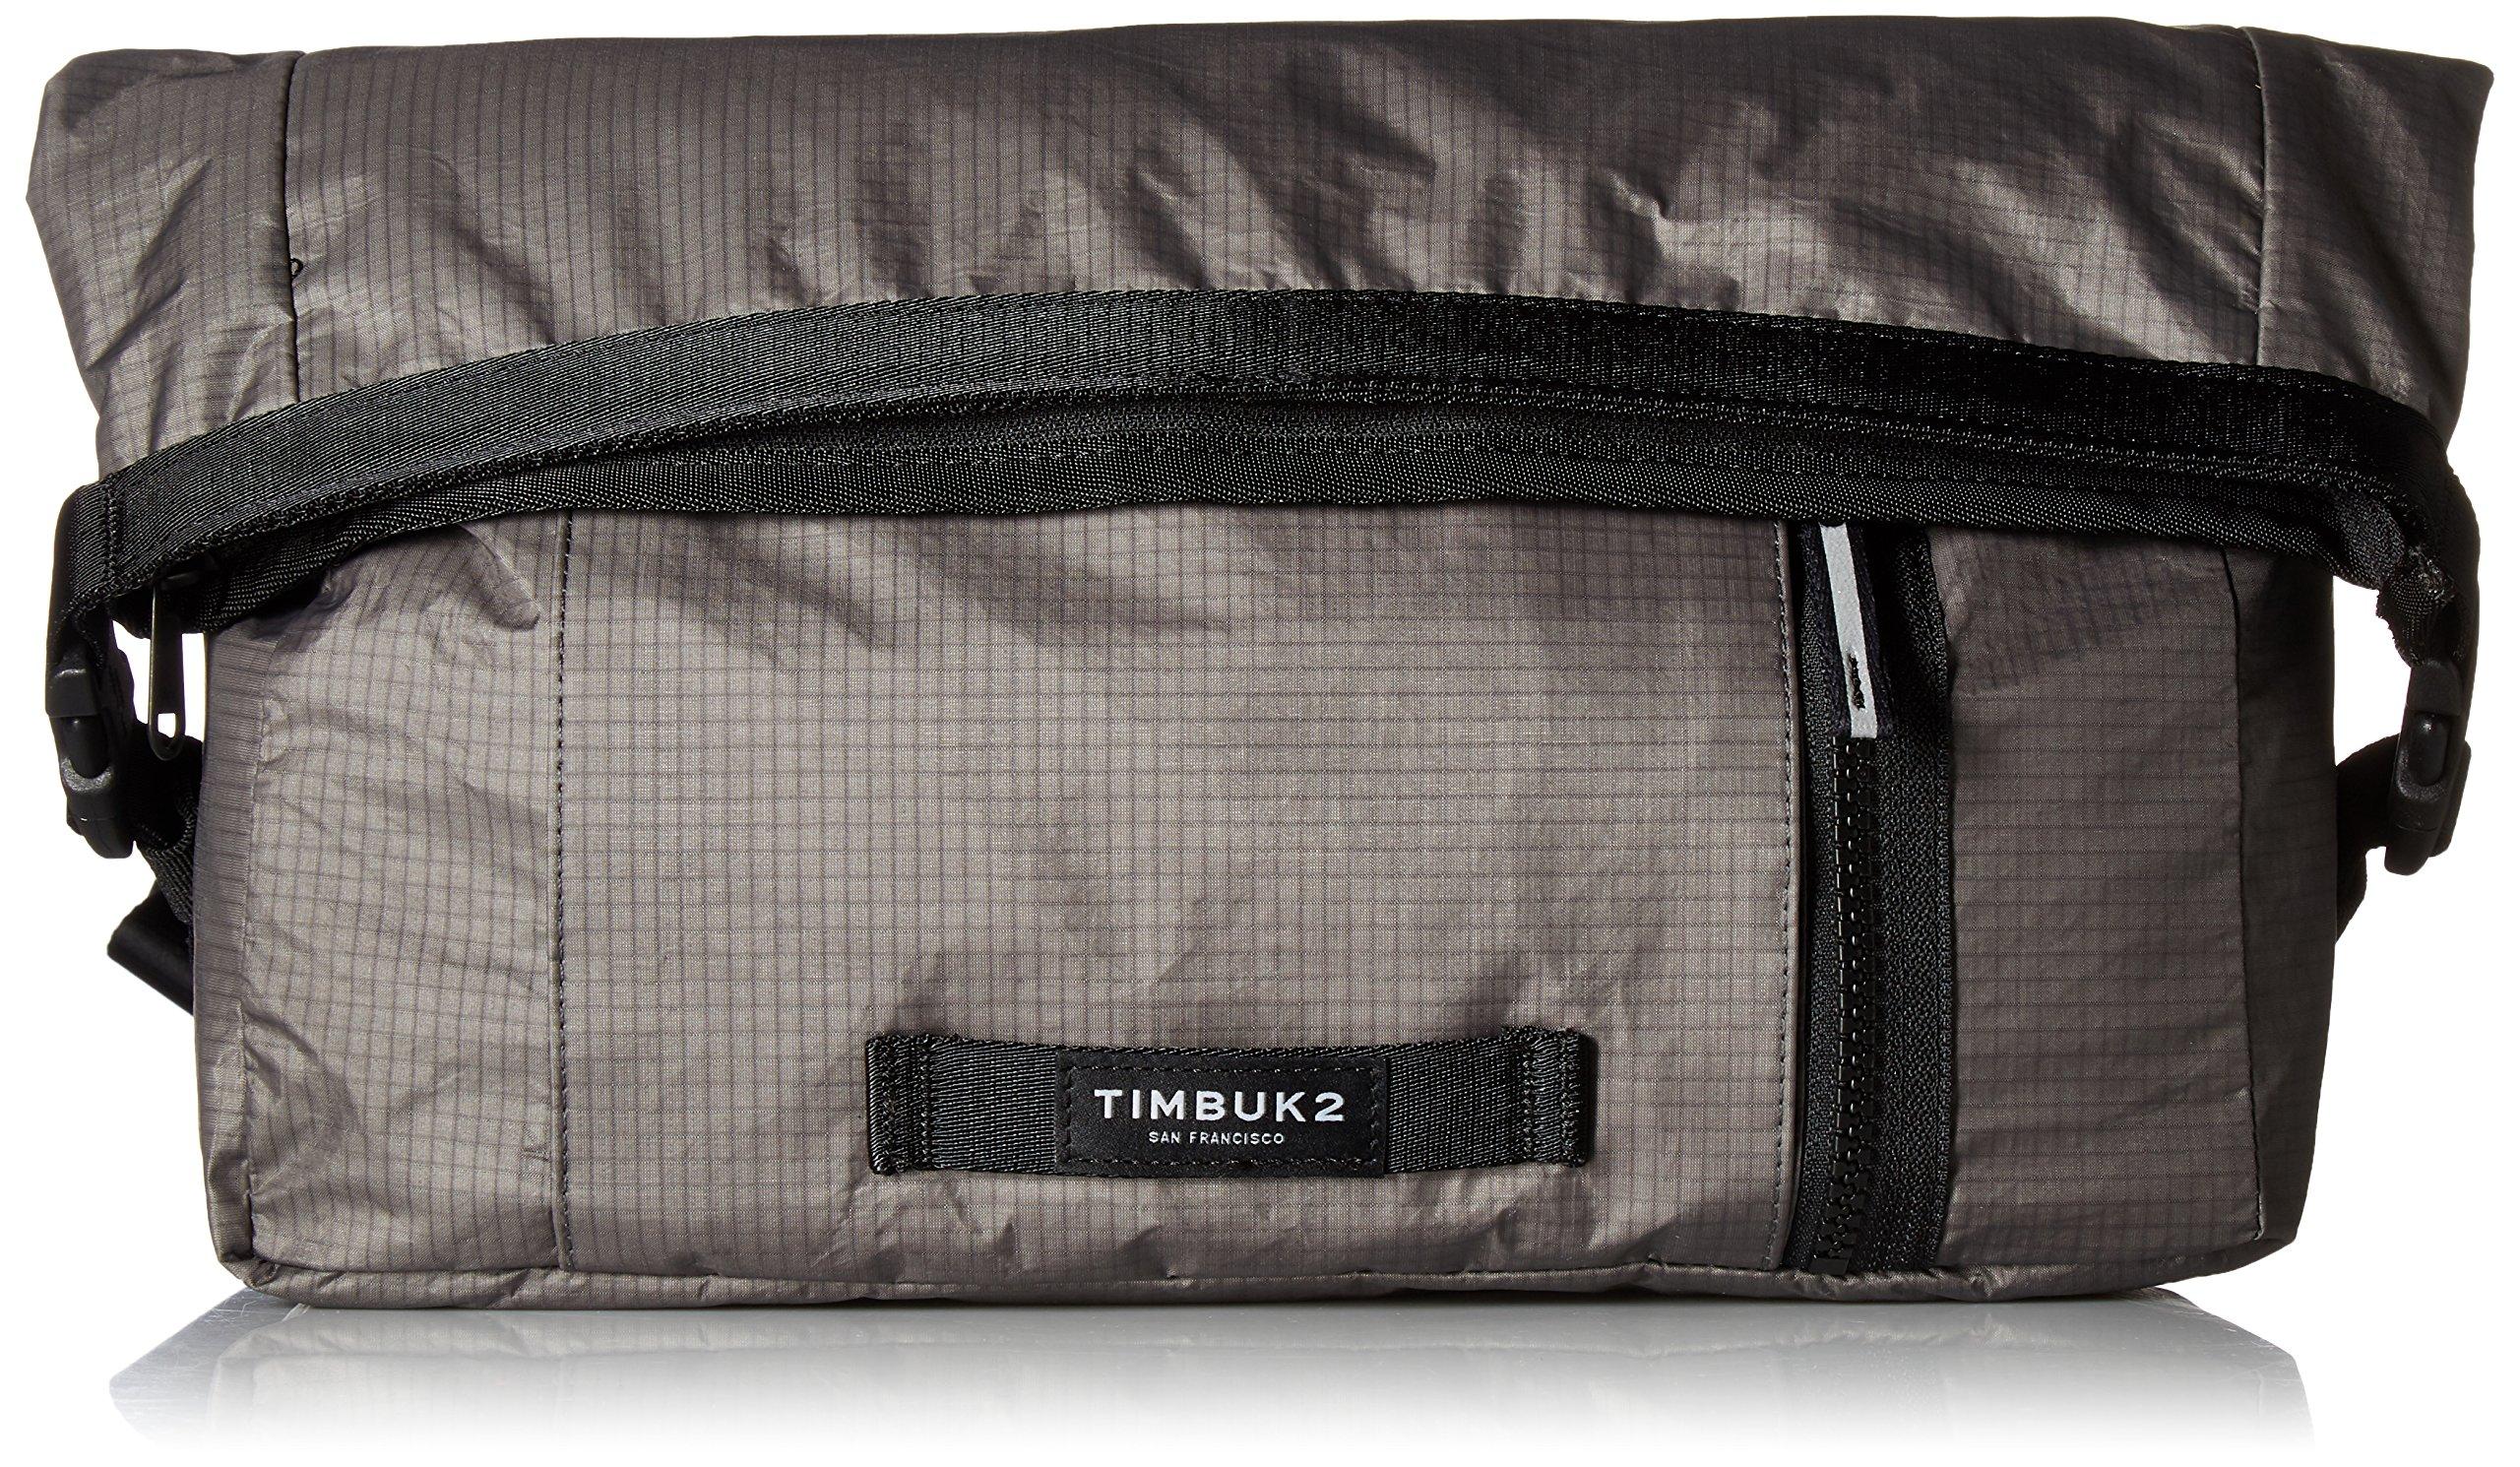 Timbuk2 Mission Sling, OS, Graphite by Timbuk2